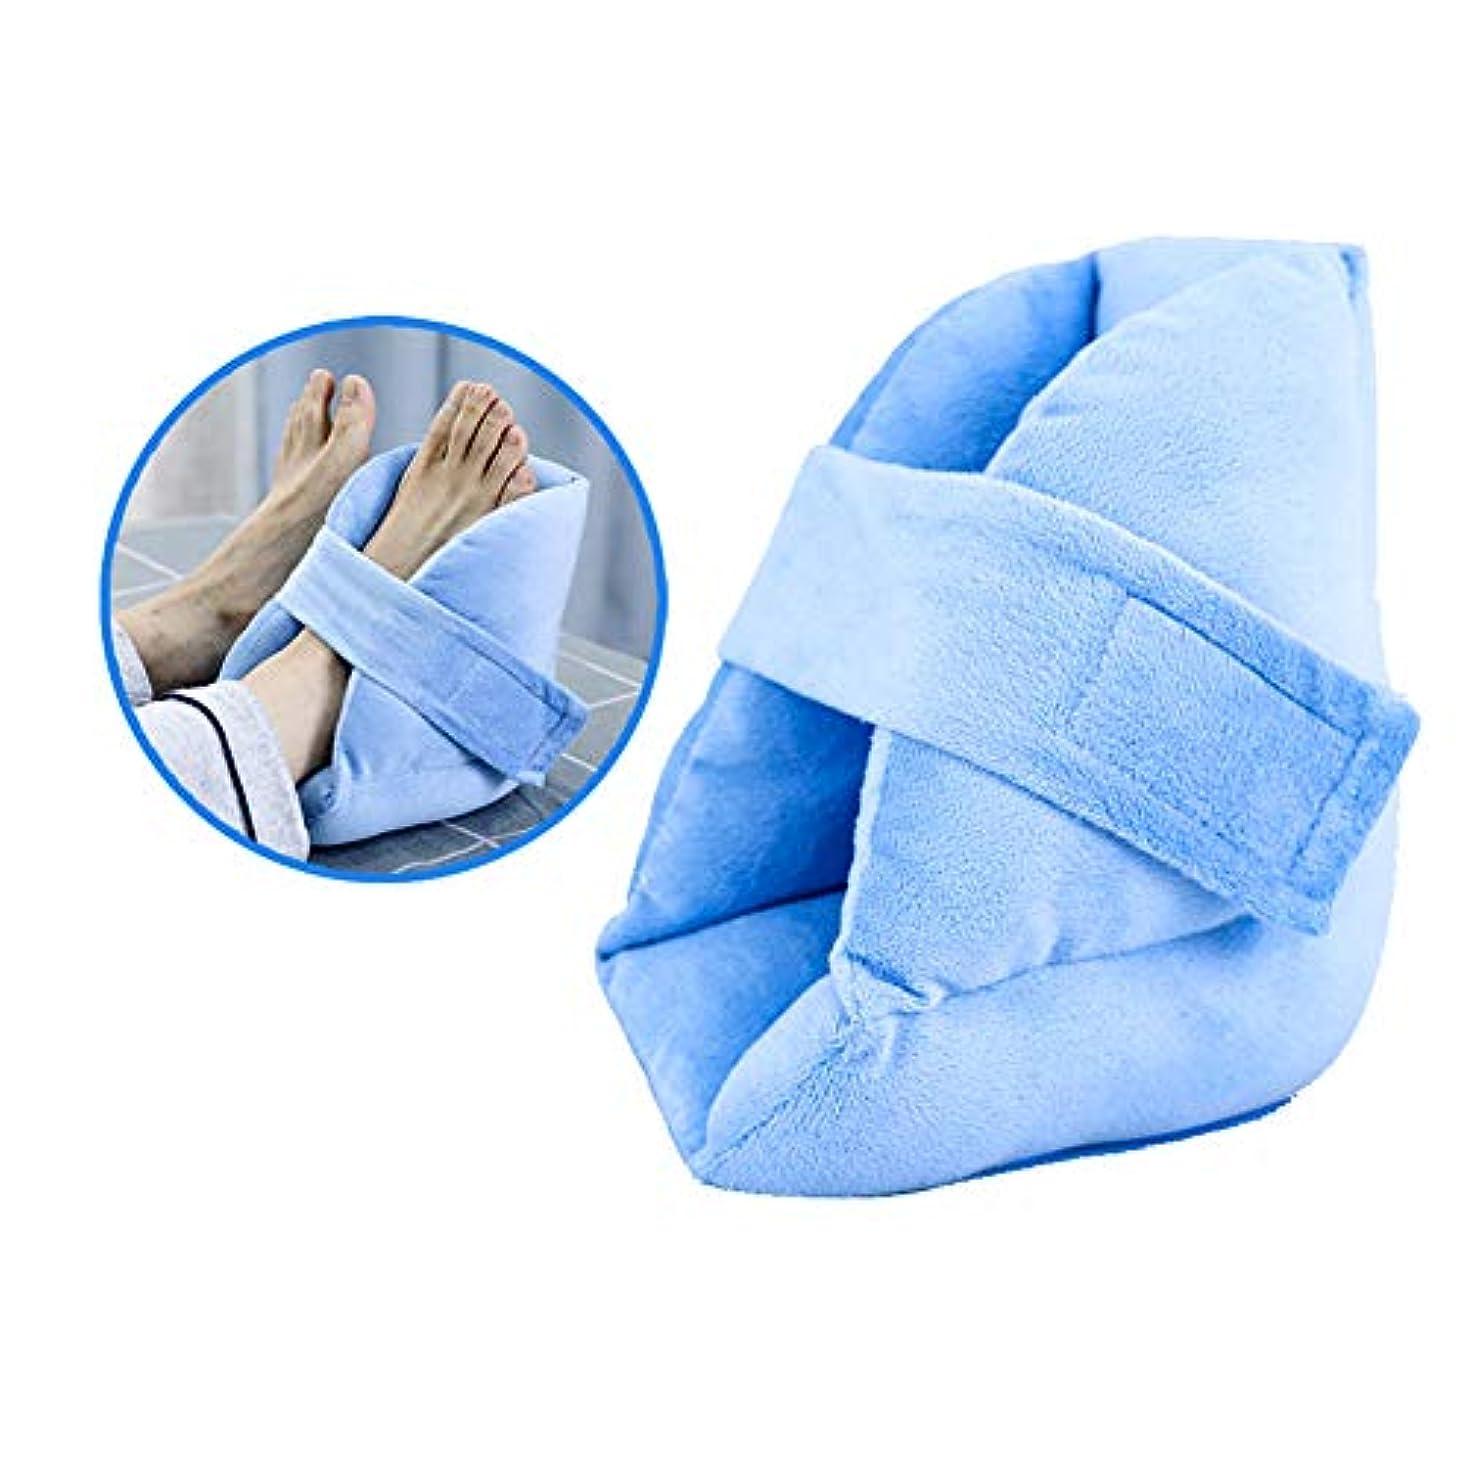 隔離する恐竜犯罪かかとの枕、かかとのクッションプロテクターの枕、腫れた足のための傷や潰瘍からの圧力を和らげ、癒しを促進